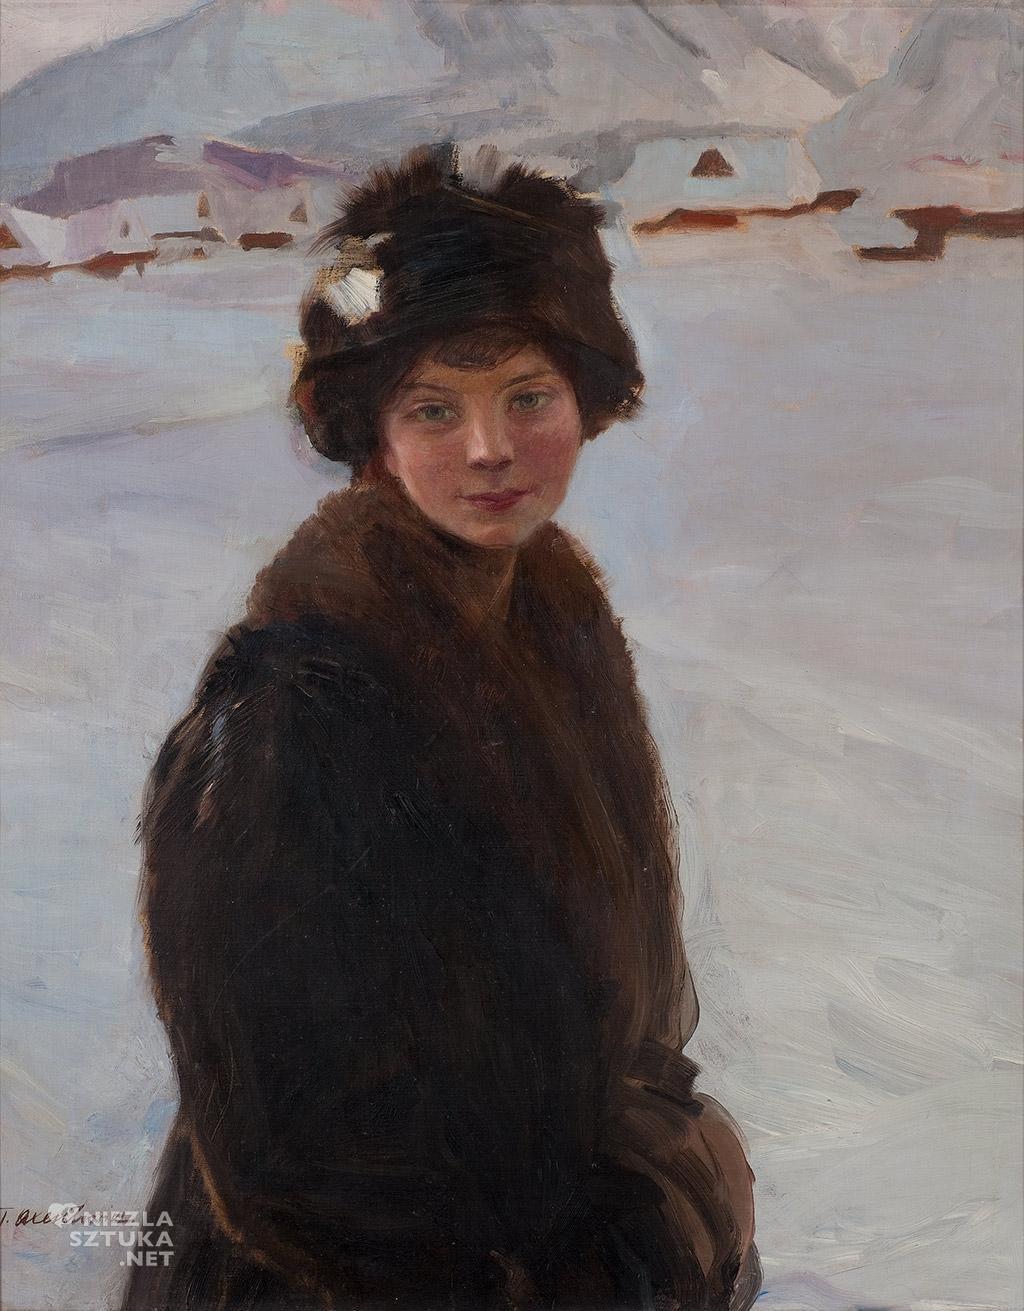 Teodor Axentowicz, polska sztuka, polskie malarstwo, Muzeum Pałac Herbsta, Niezła Sztuka